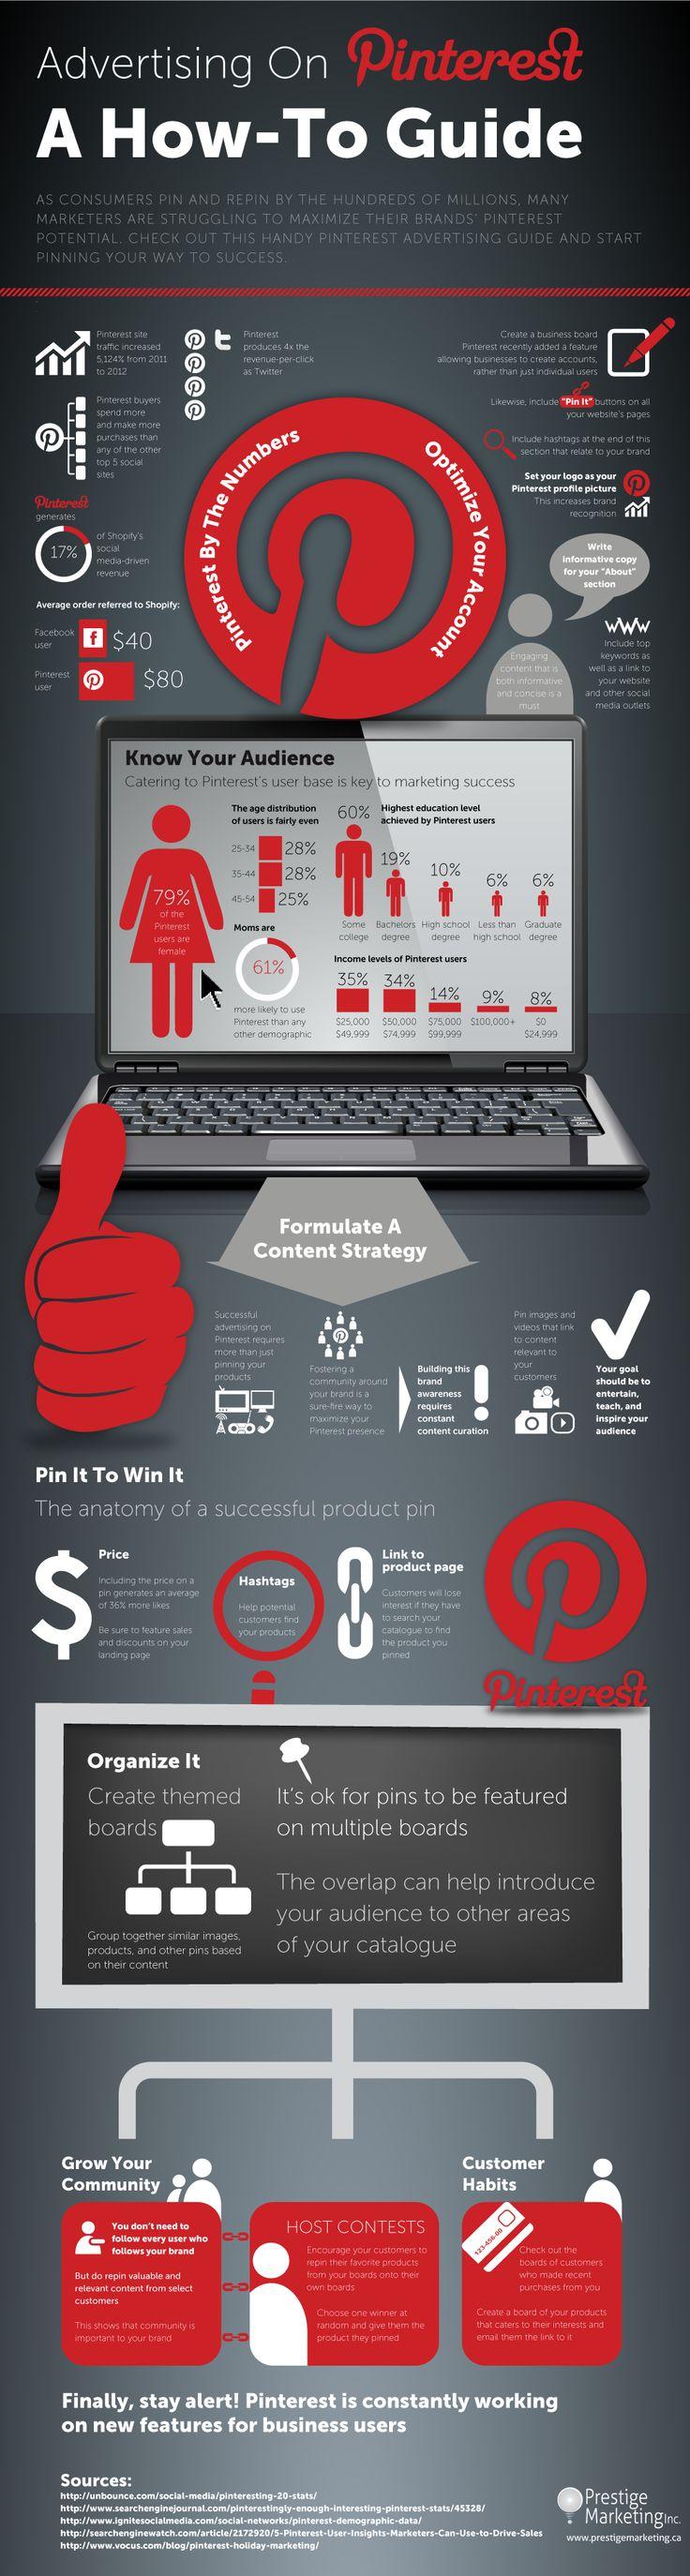 A Quickie Marketer's Guide to #Pinterest - #entrepreneurship #entrepreneurs #marketing #socialmediamarketing